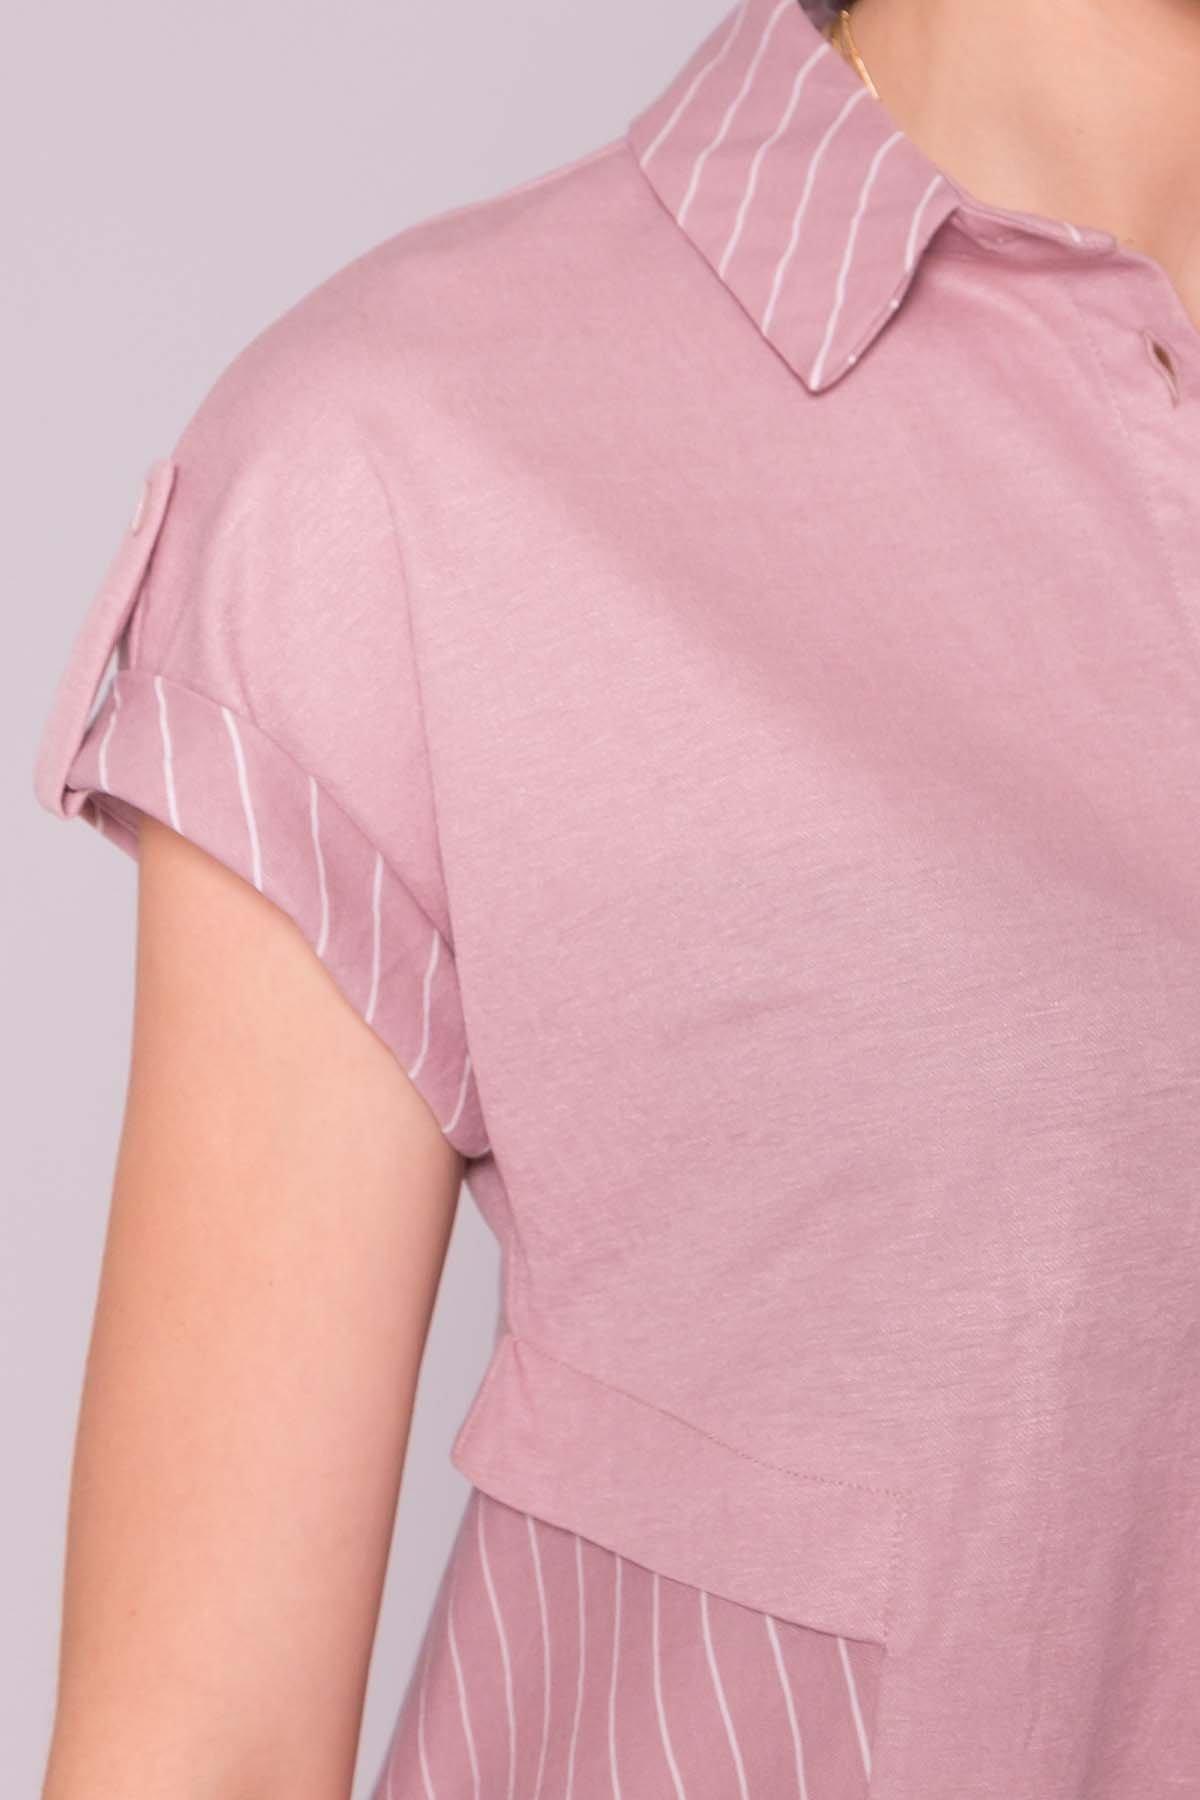 Платье Грея 7142 АРТ. 42555 Цвет: Пудра/полоска молоко - фото 4, интернет магазин tm-modus.ru